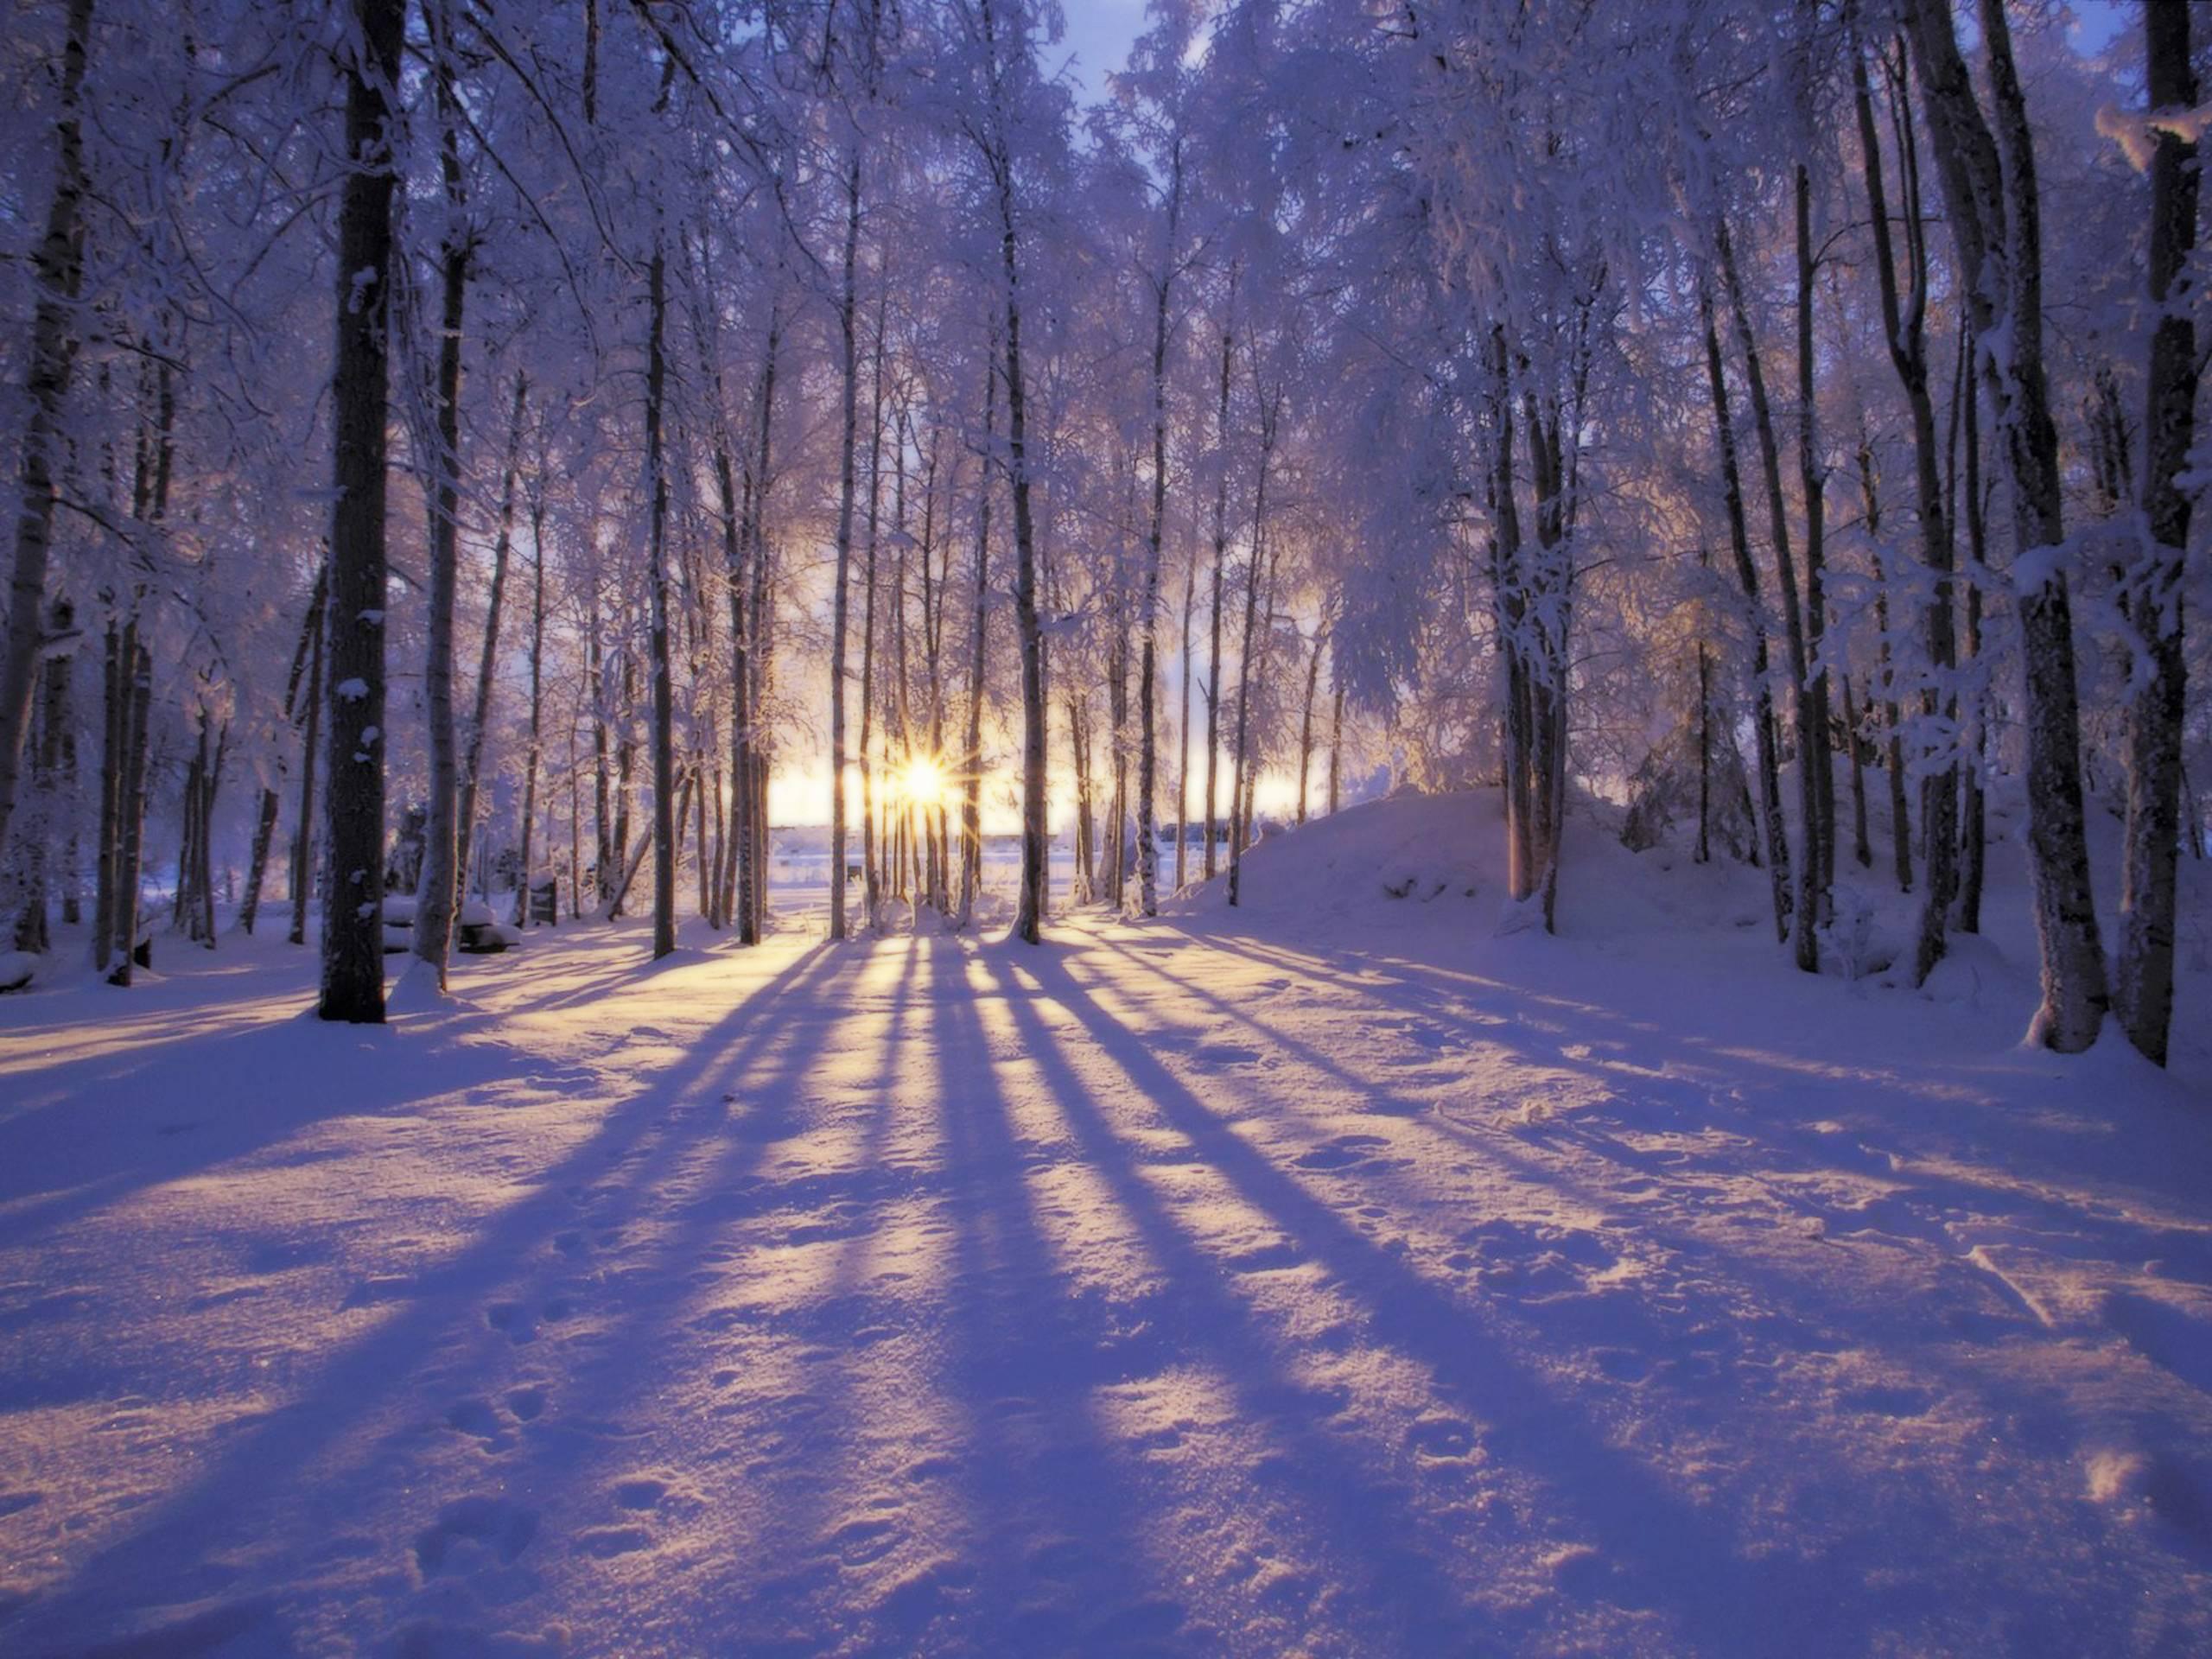 Winter Scenes Desktop Wallpapers Wallpaper Cave